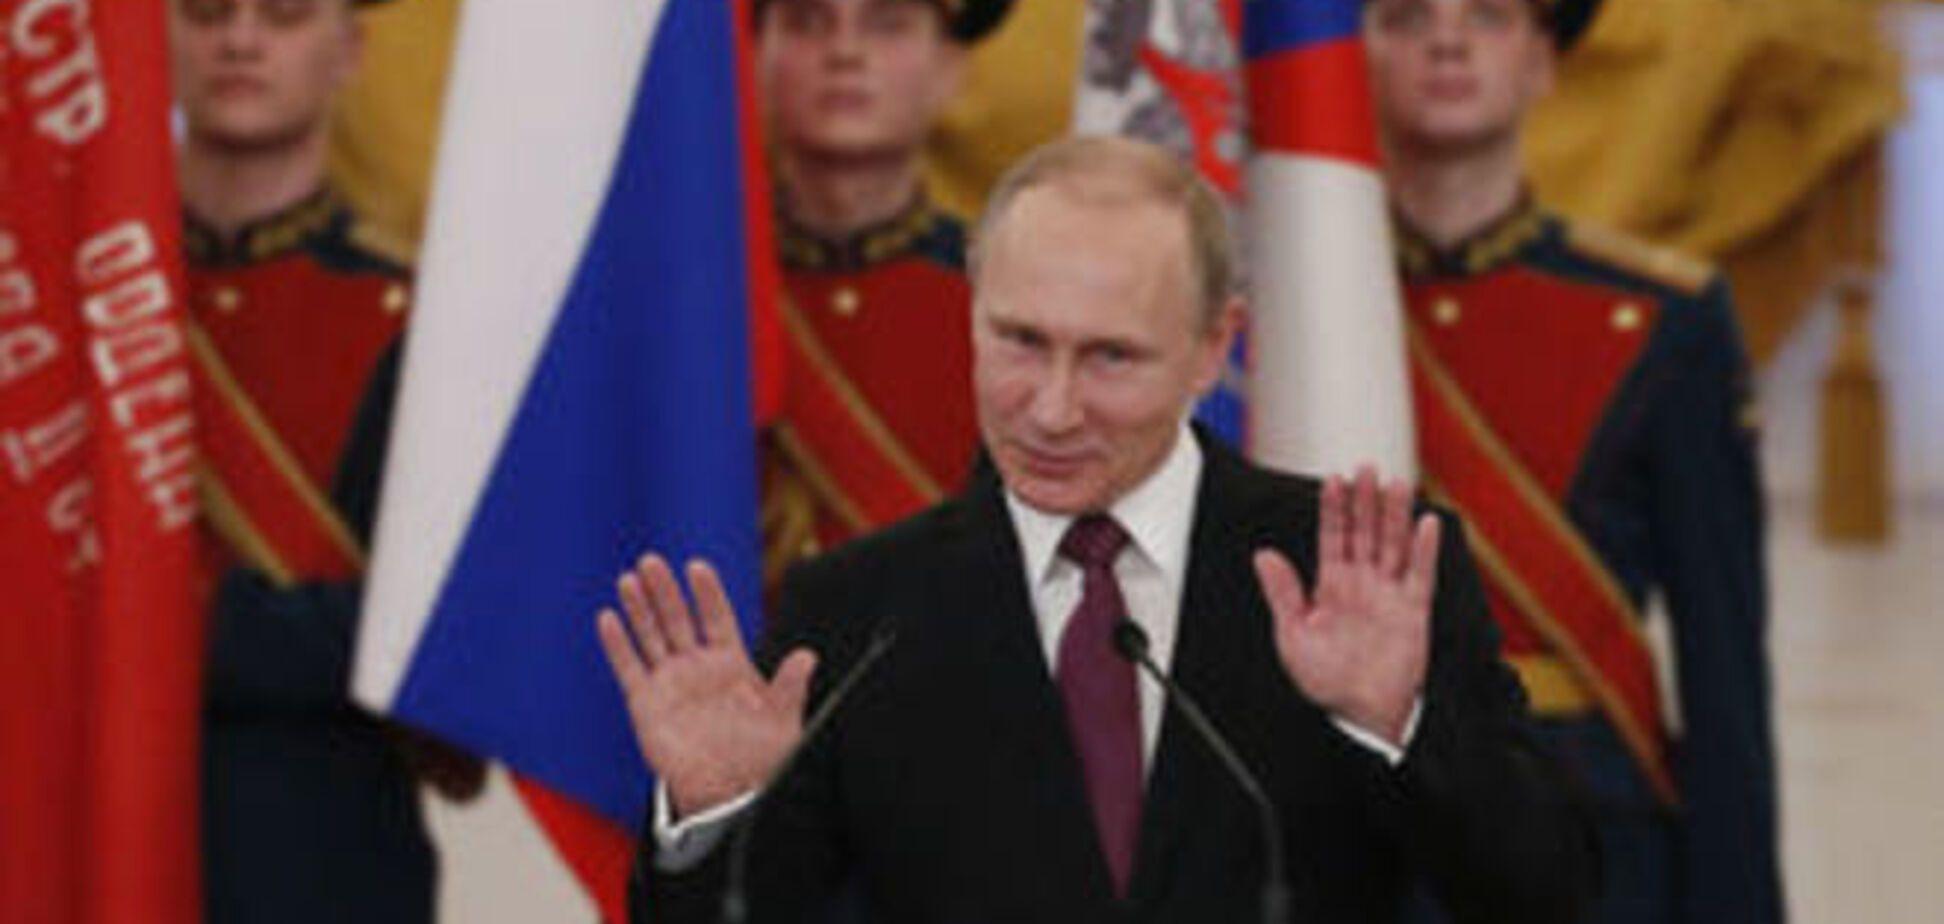 Огрызко рассказал, чем рискует Украина на переговорах по Донбассу